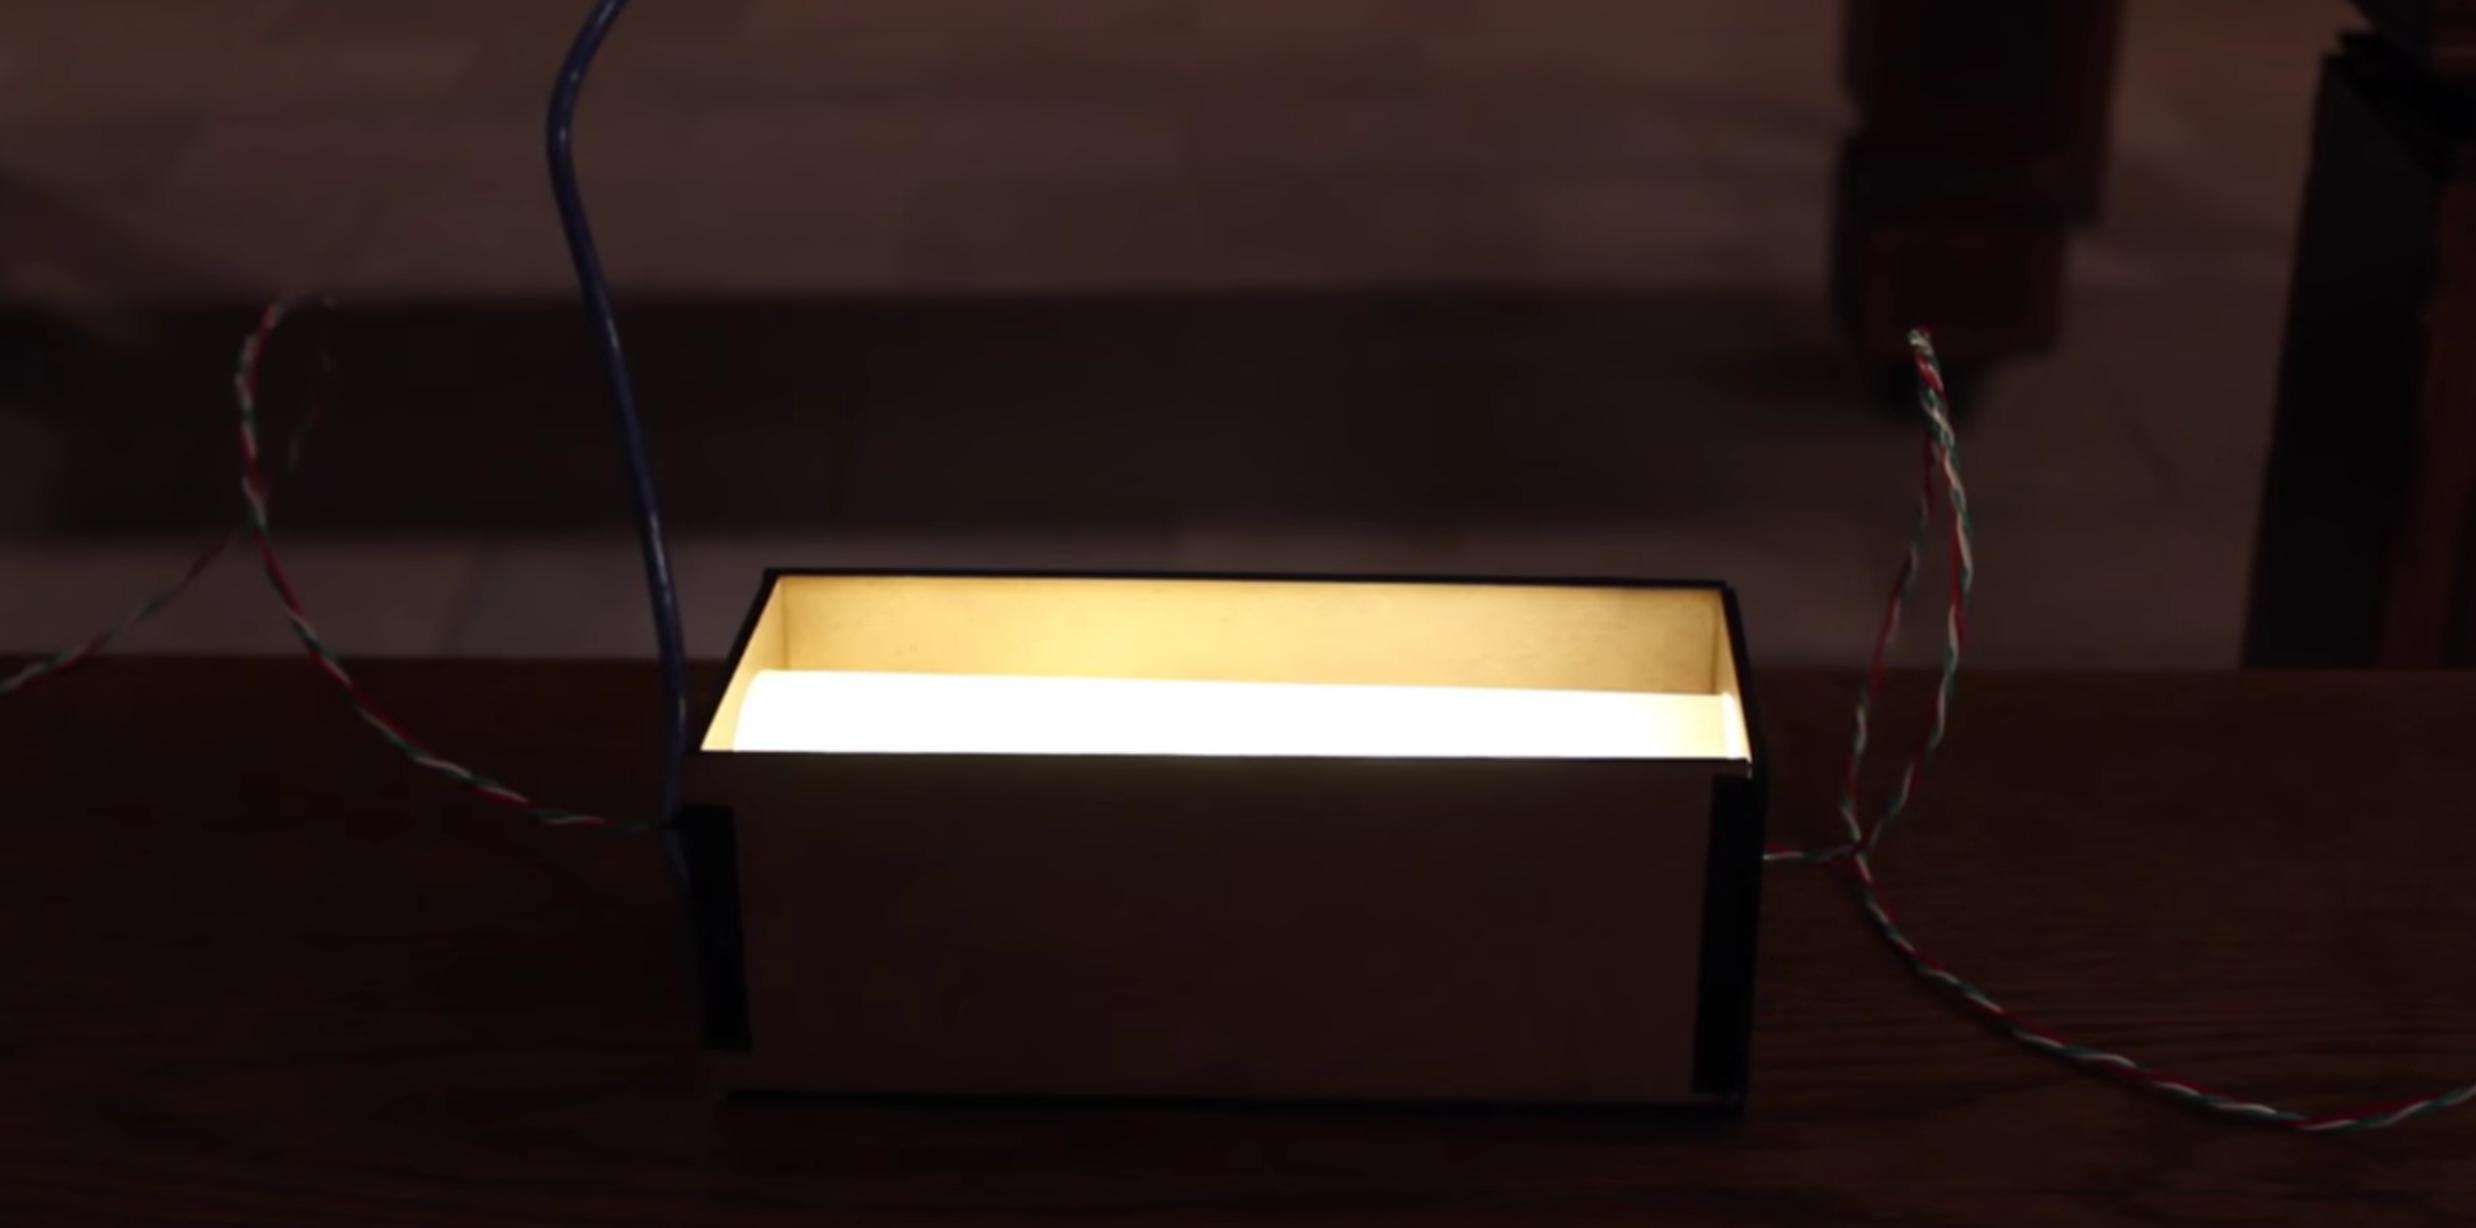 Koubai: A conversation aware lamp